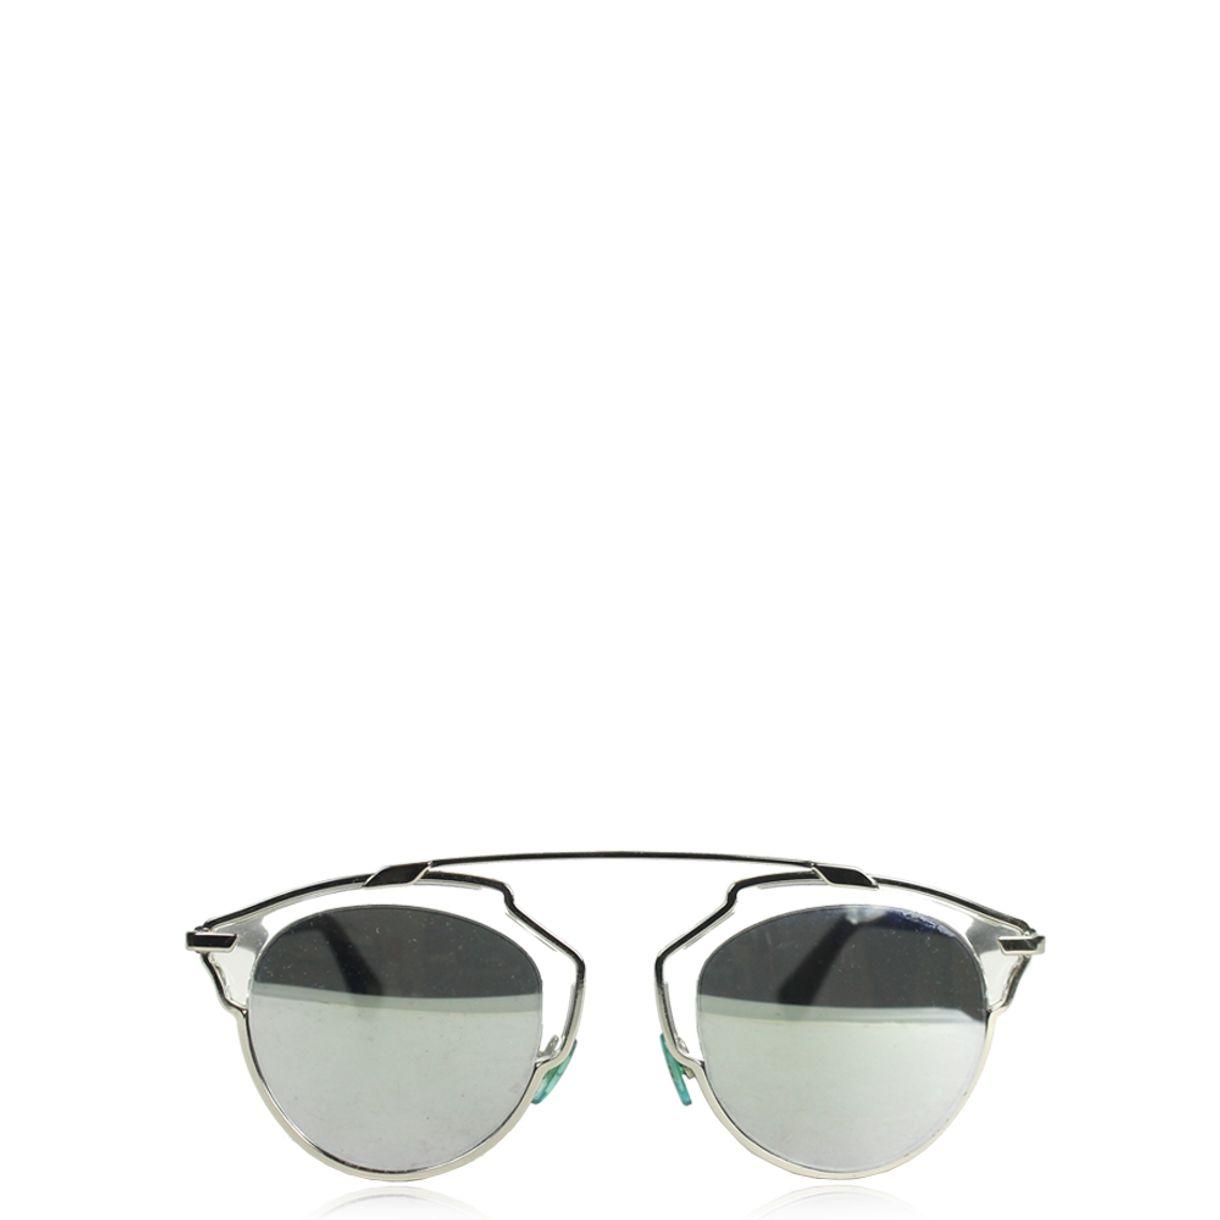 Oculos-Christian-Dior-So-Real-Espelhado-Prateado